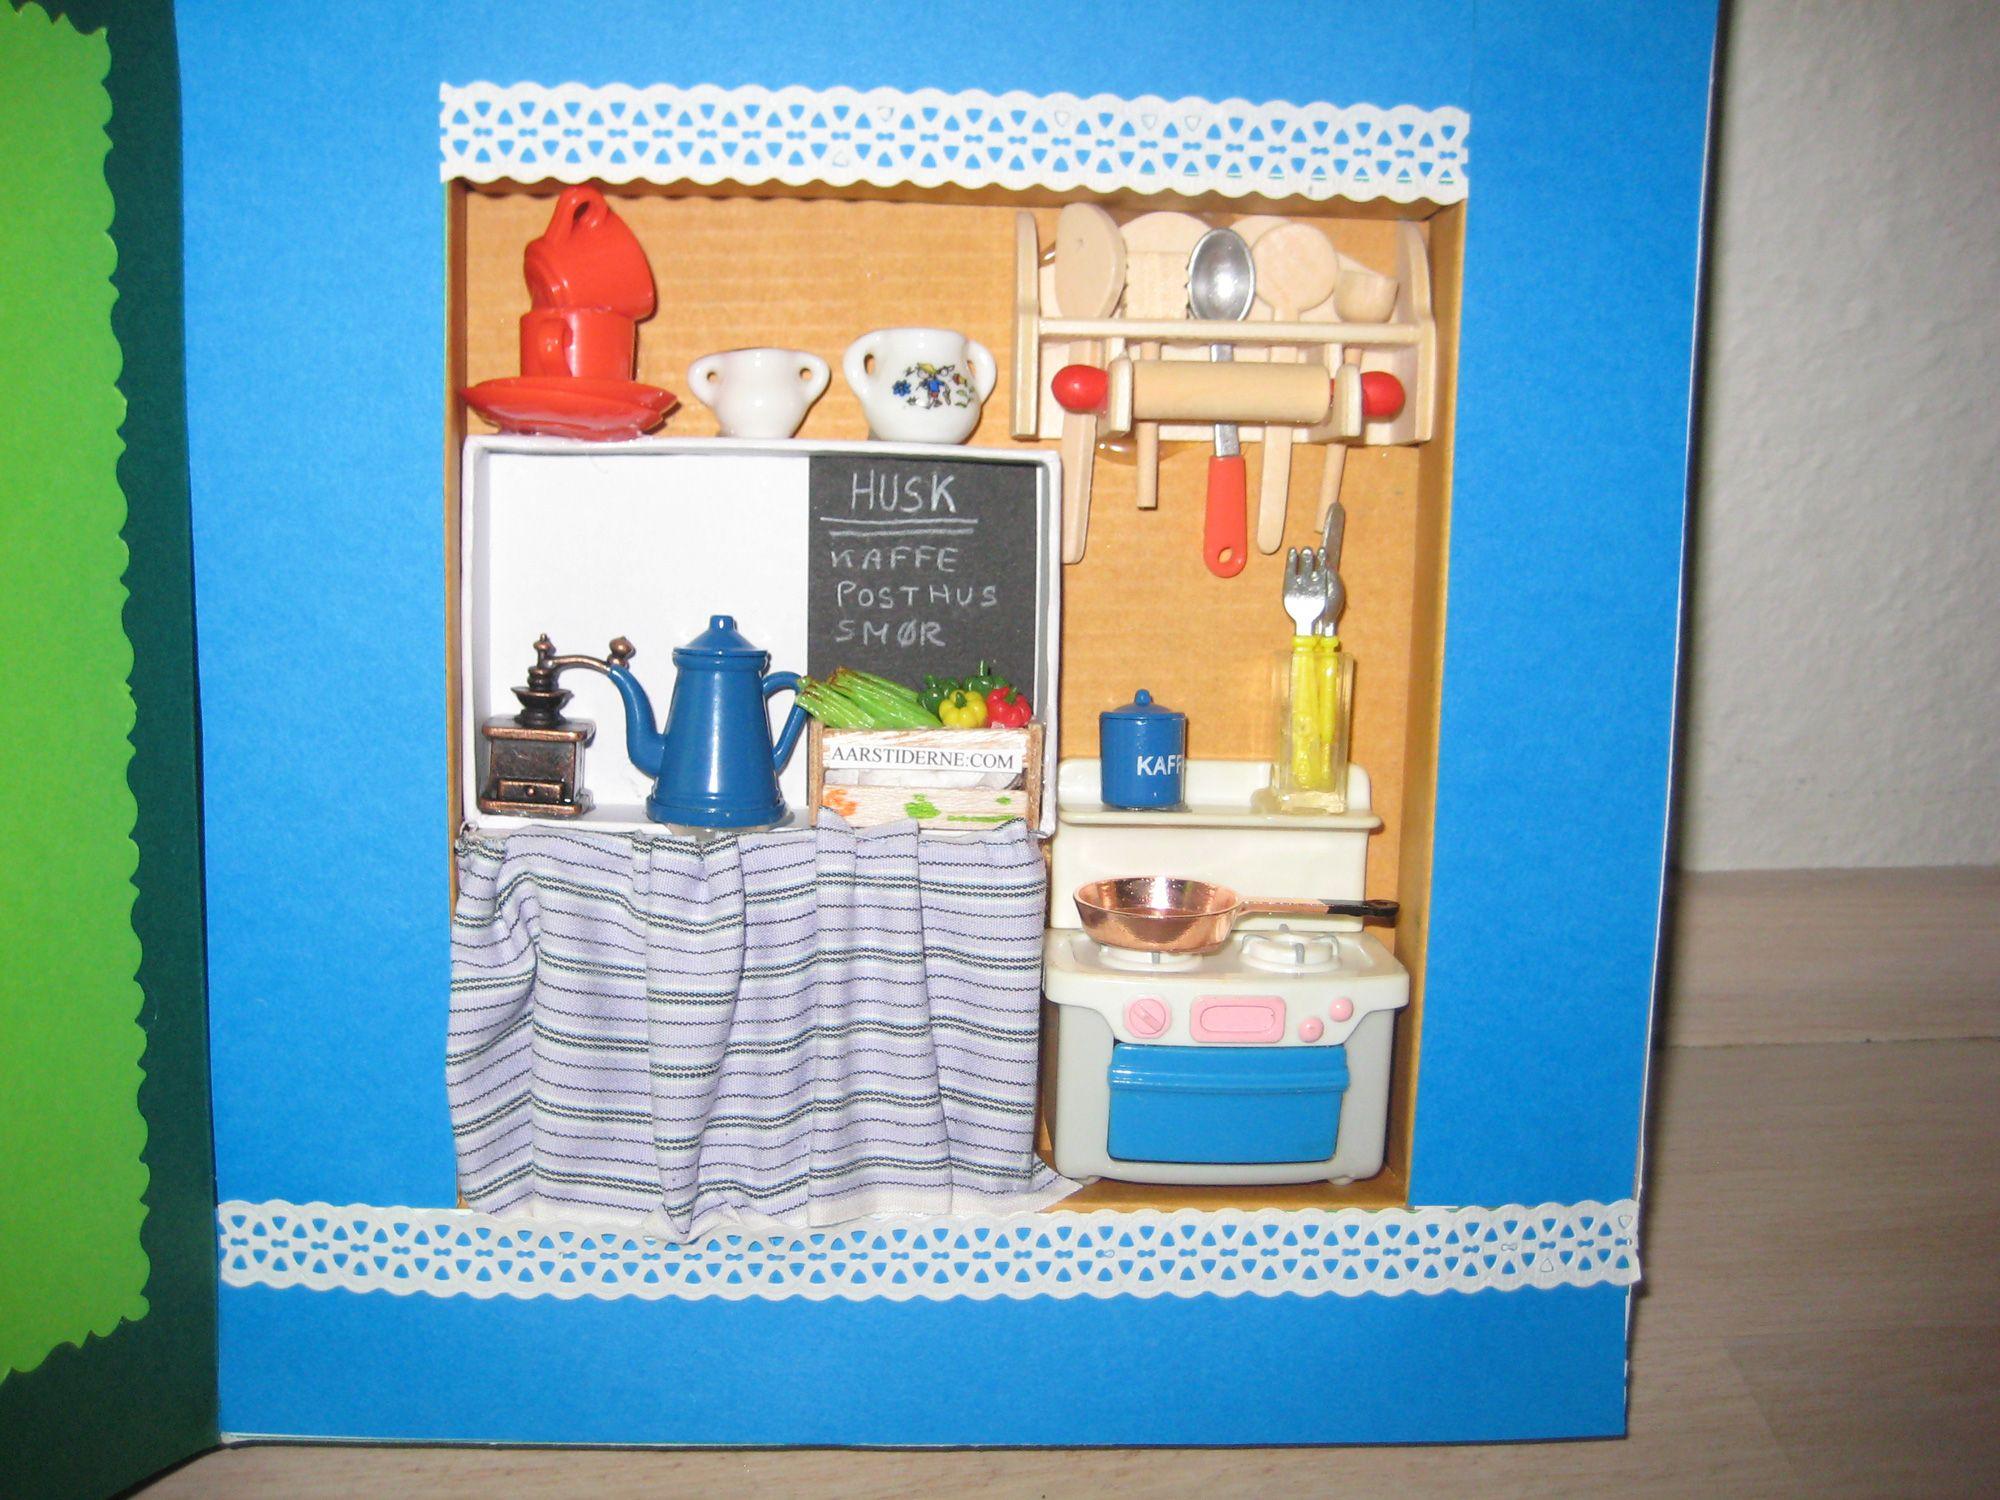 Køkken kort i boks